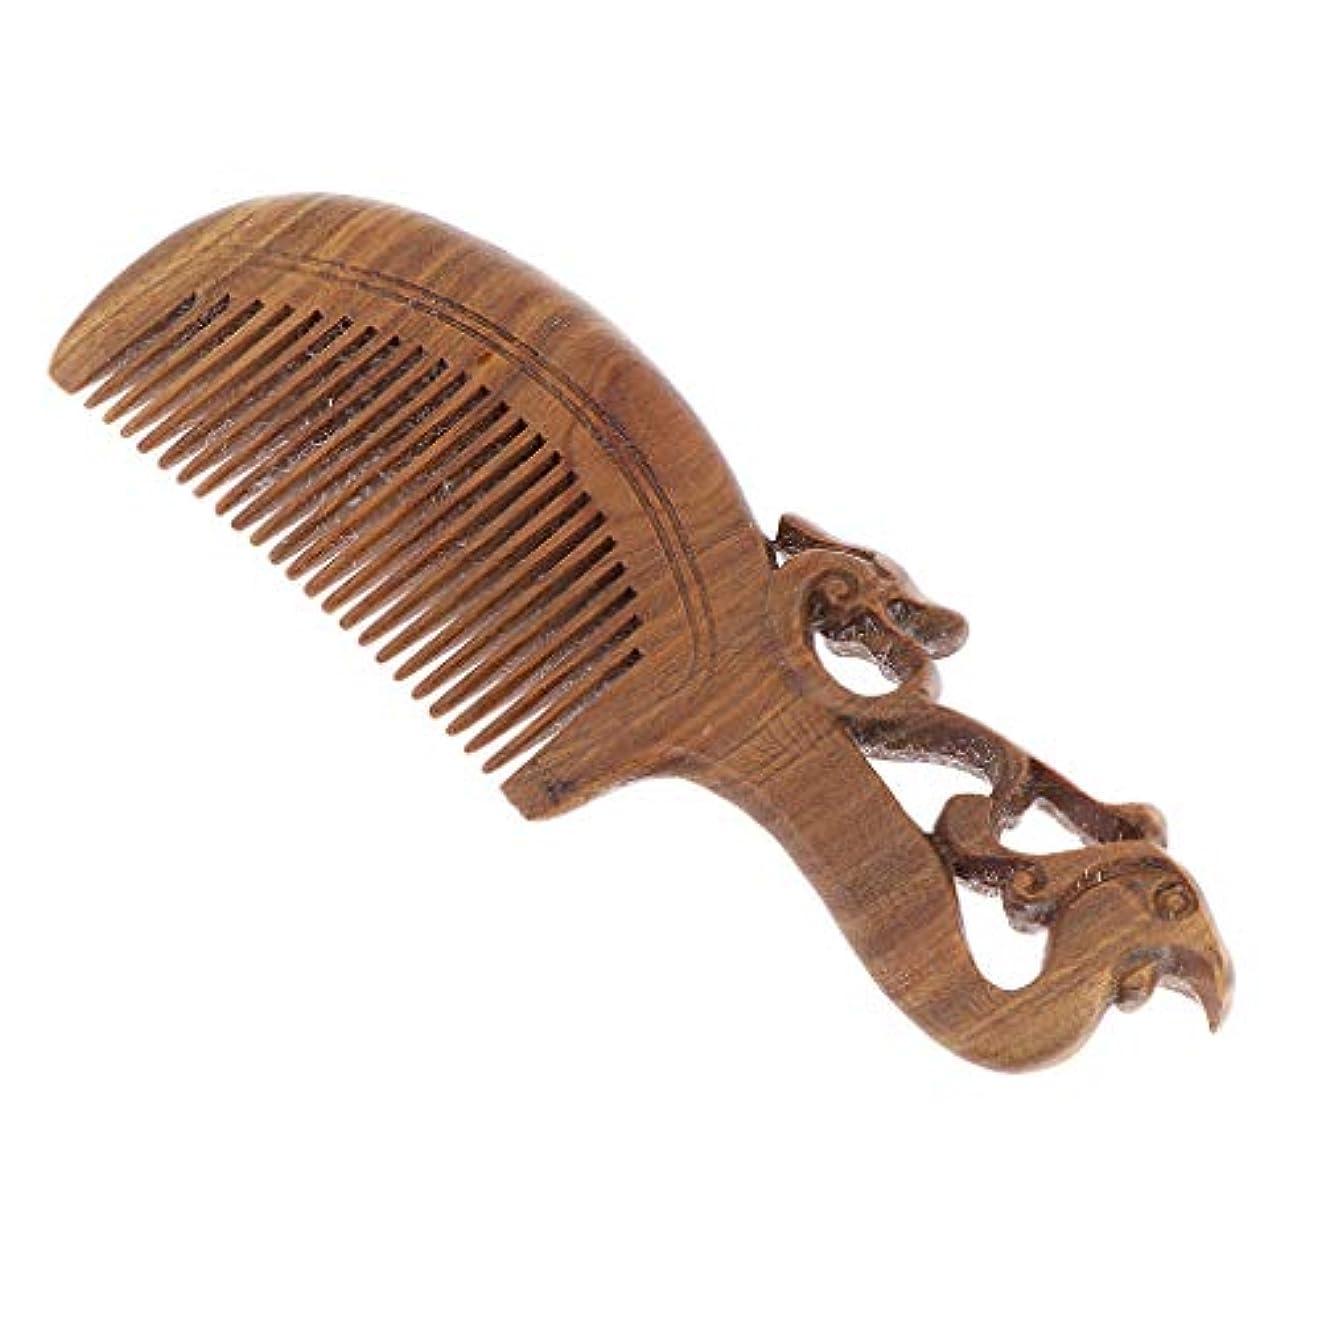 絶妙除去なすF Fityle ウッドコーム 木製櫛 プレゼント 頭皮マッサージ レトロ 手作り 高品質 4タイプ選べ   - 17 x 5.5 x 1.2 cm